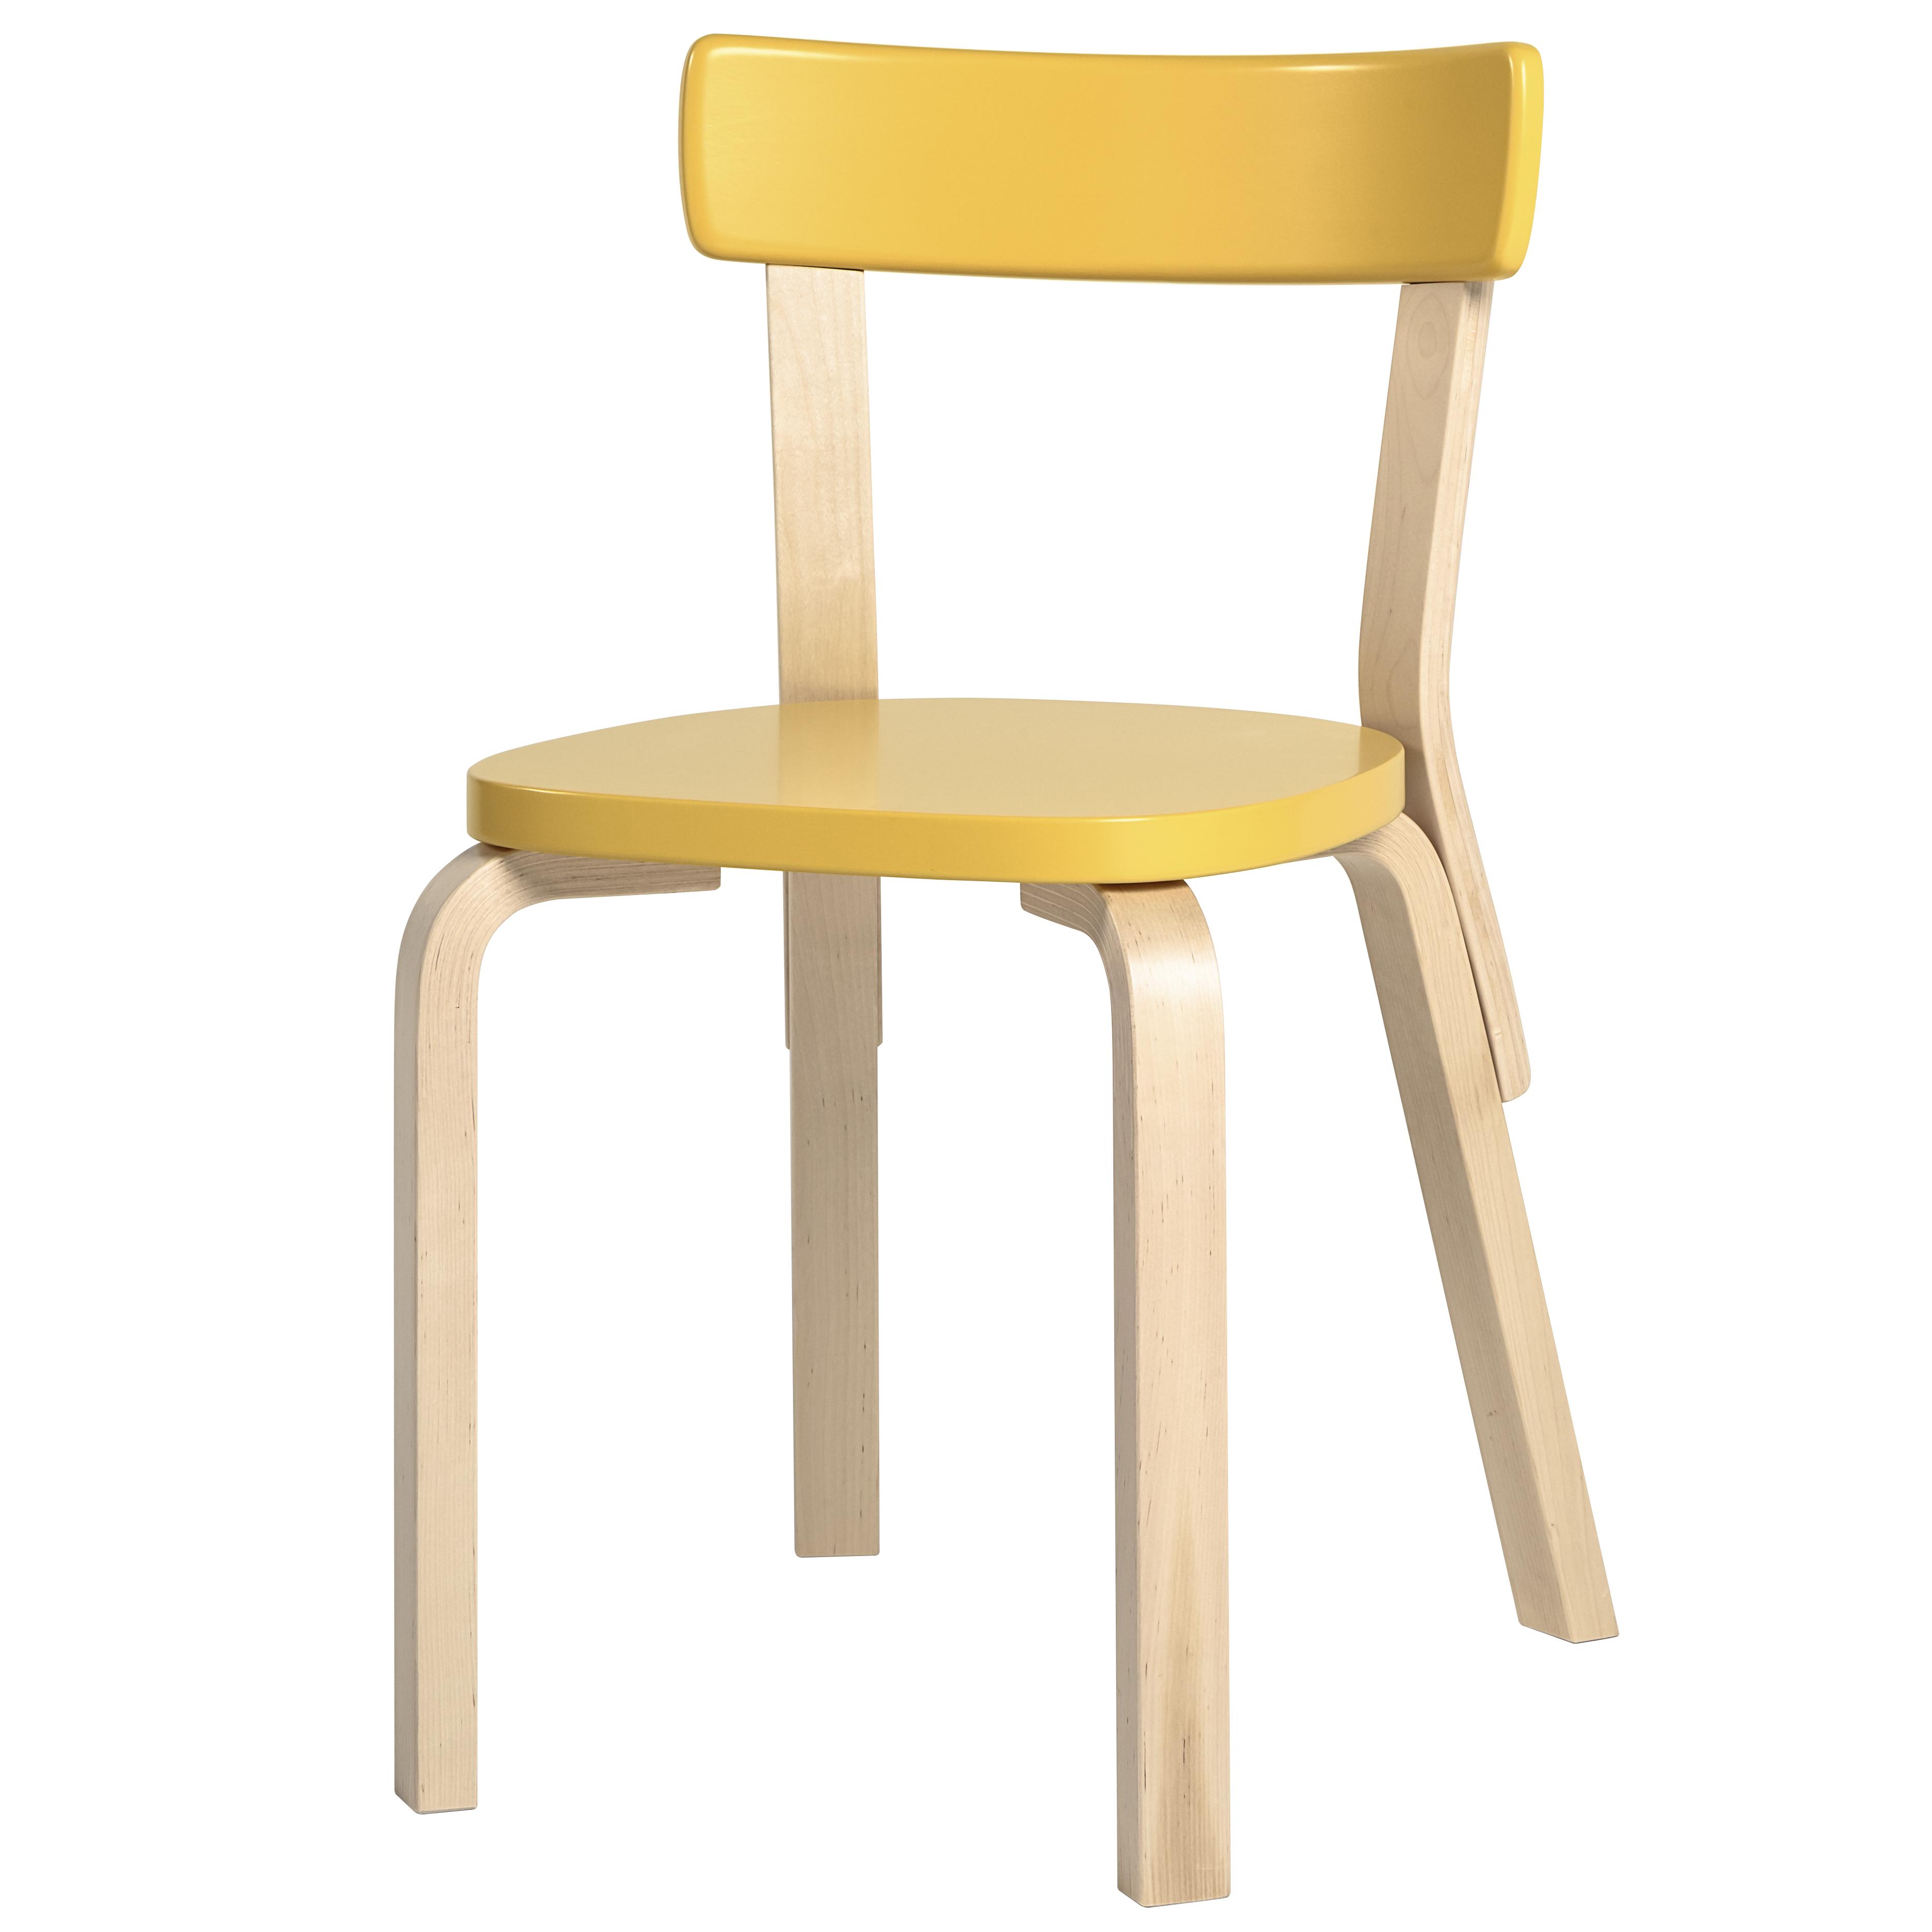 Chair 69 artek design alvar aalto for Alvar aalto chaise